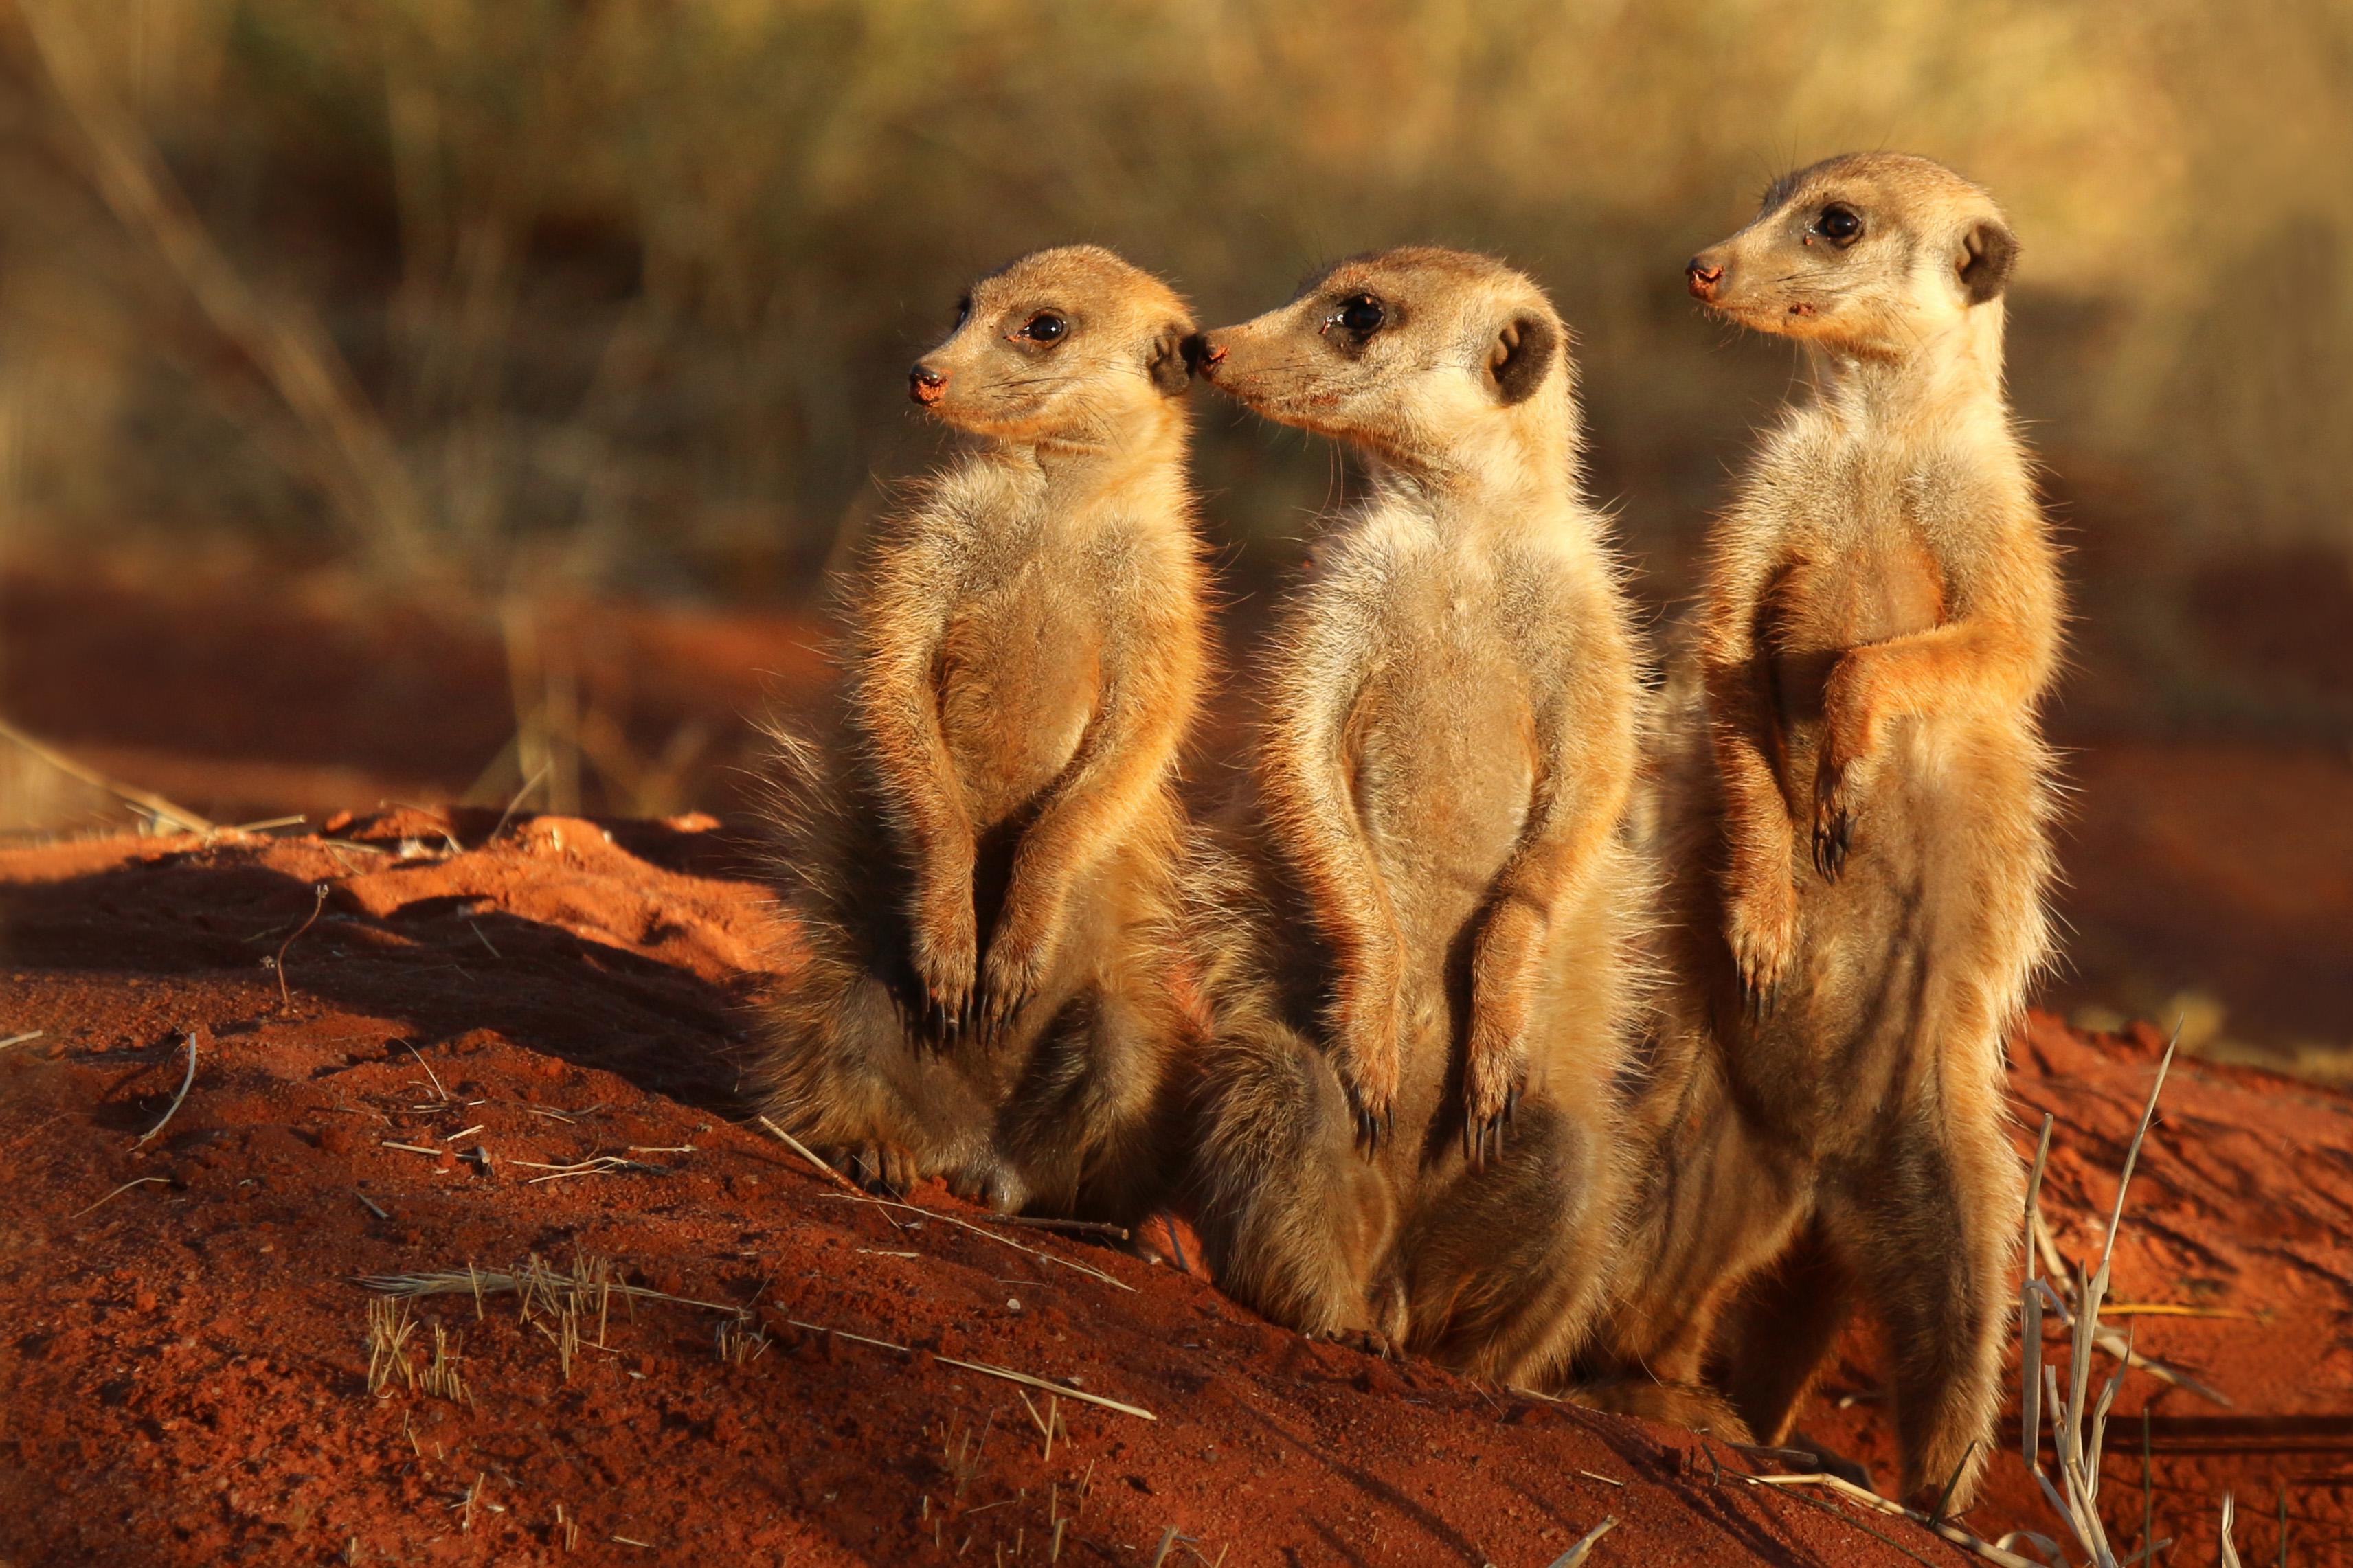 Wild meerkat photo